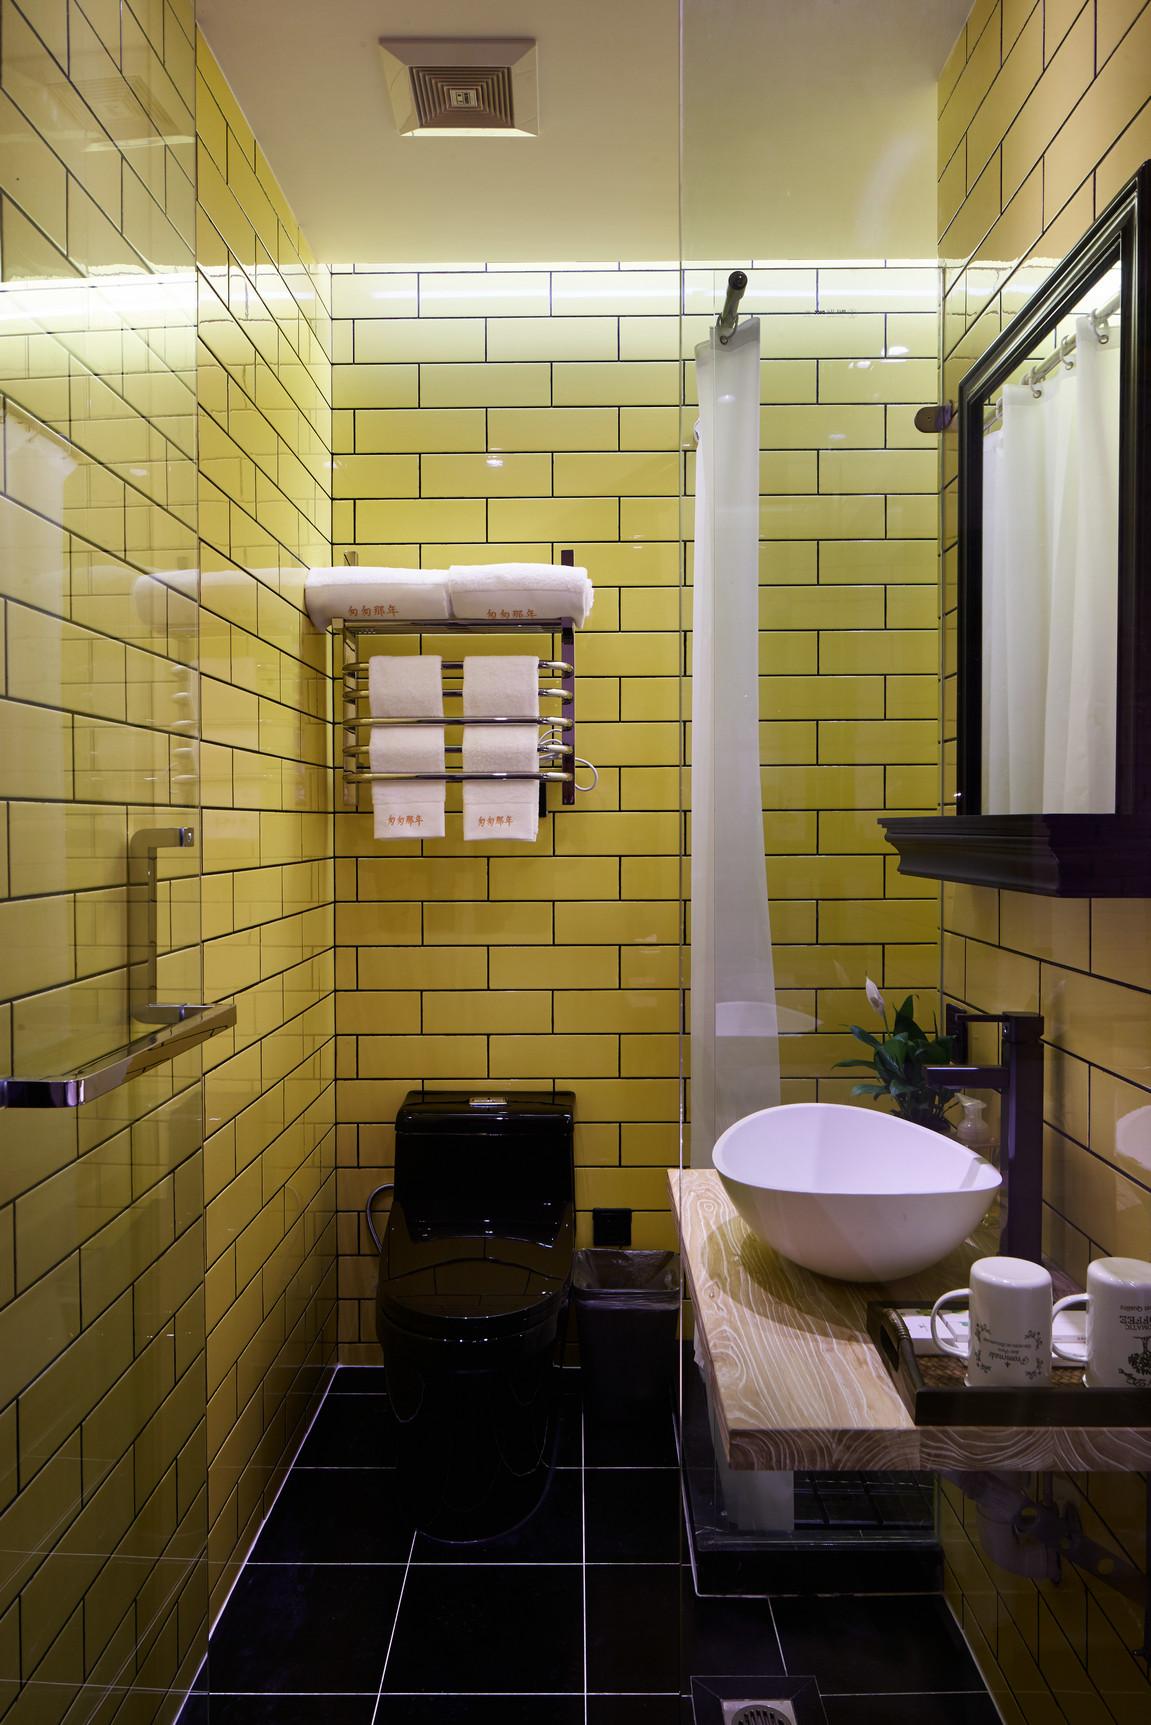 大户型复古风公寓黄色卫生间国国内清清草原免费视频